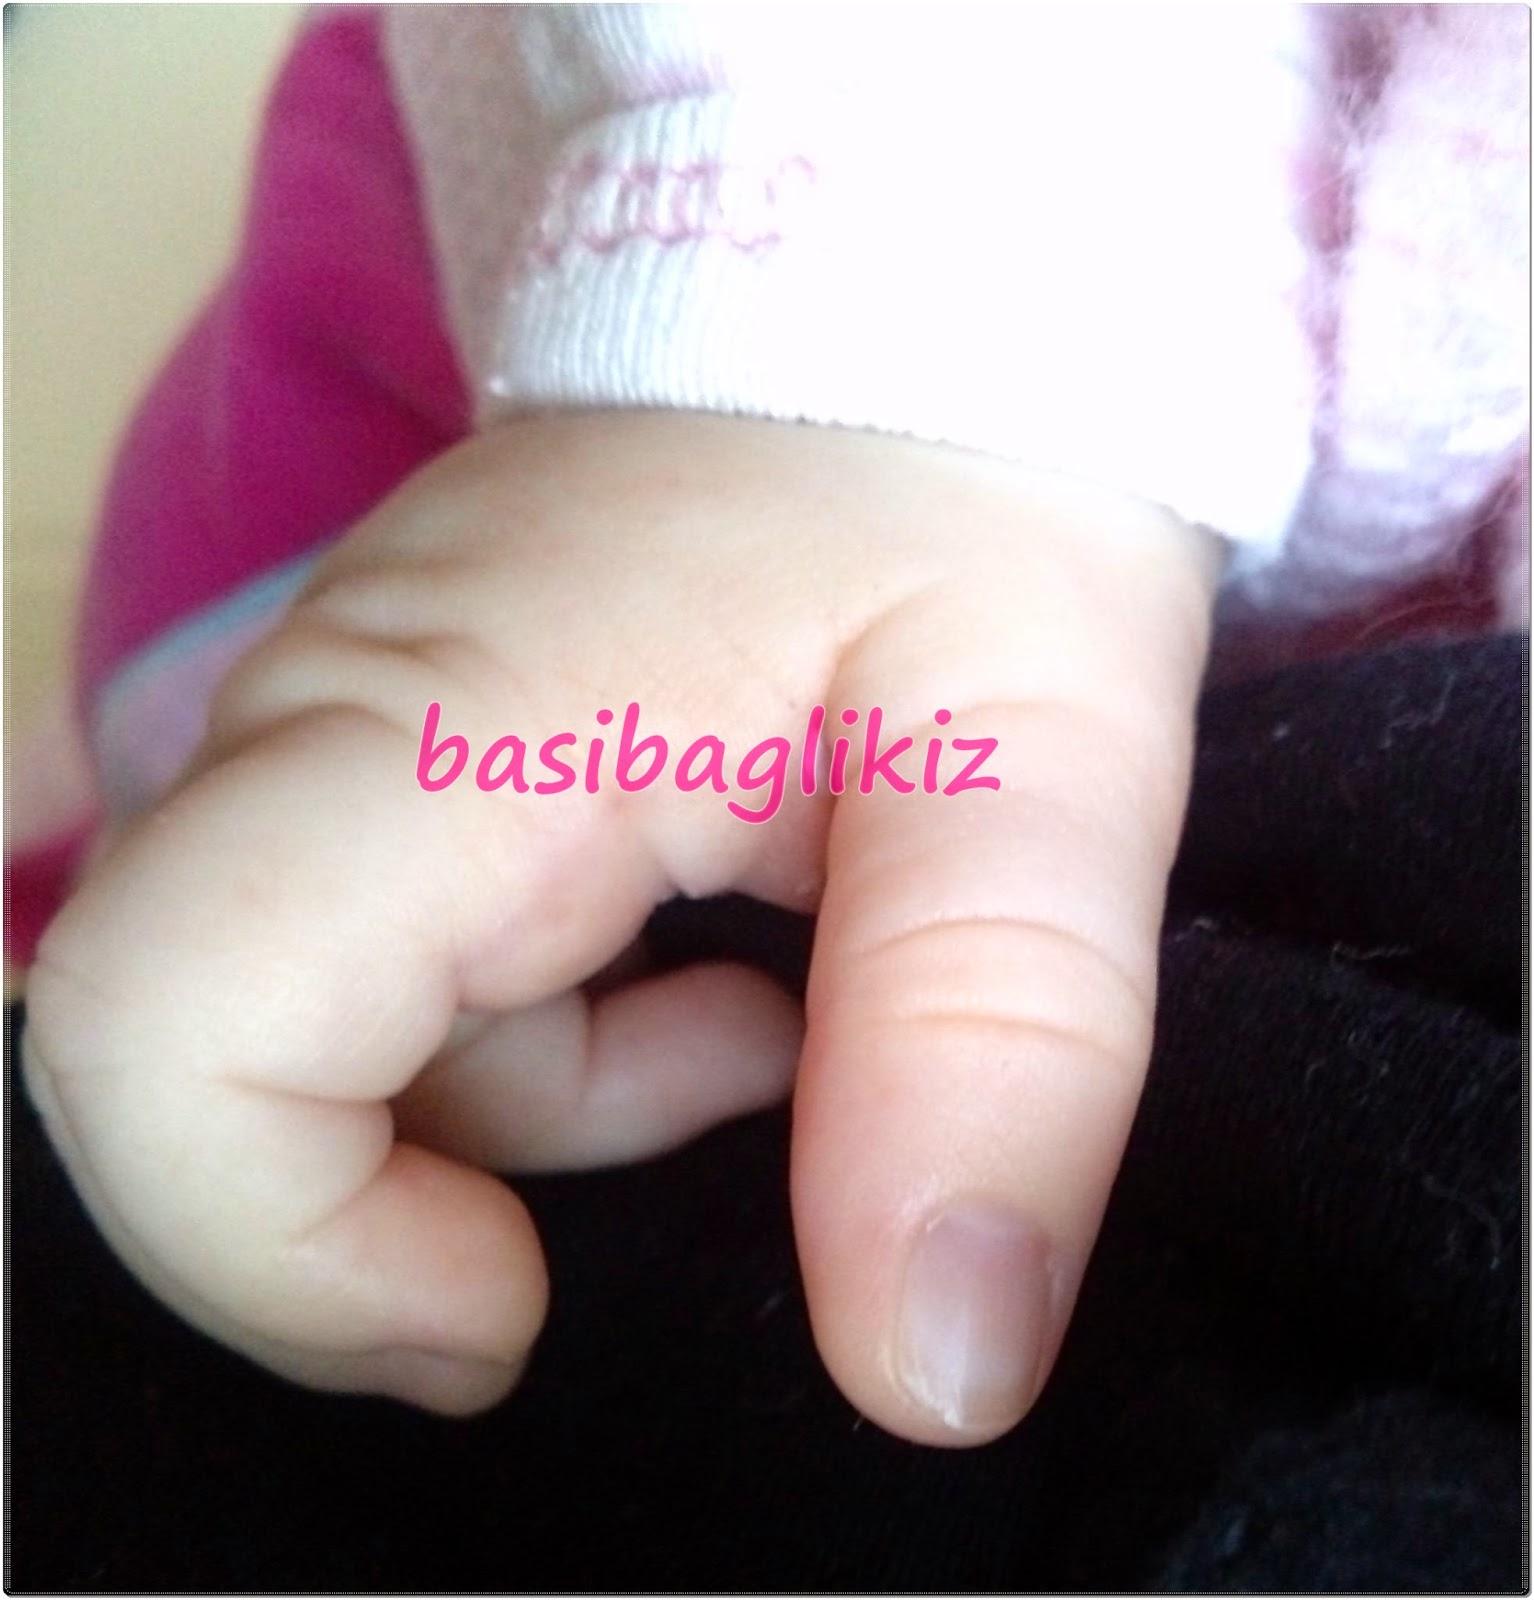 bebek,elif buğlem,bebek resmi,bebek eli resmi,bebeklerde uyku,